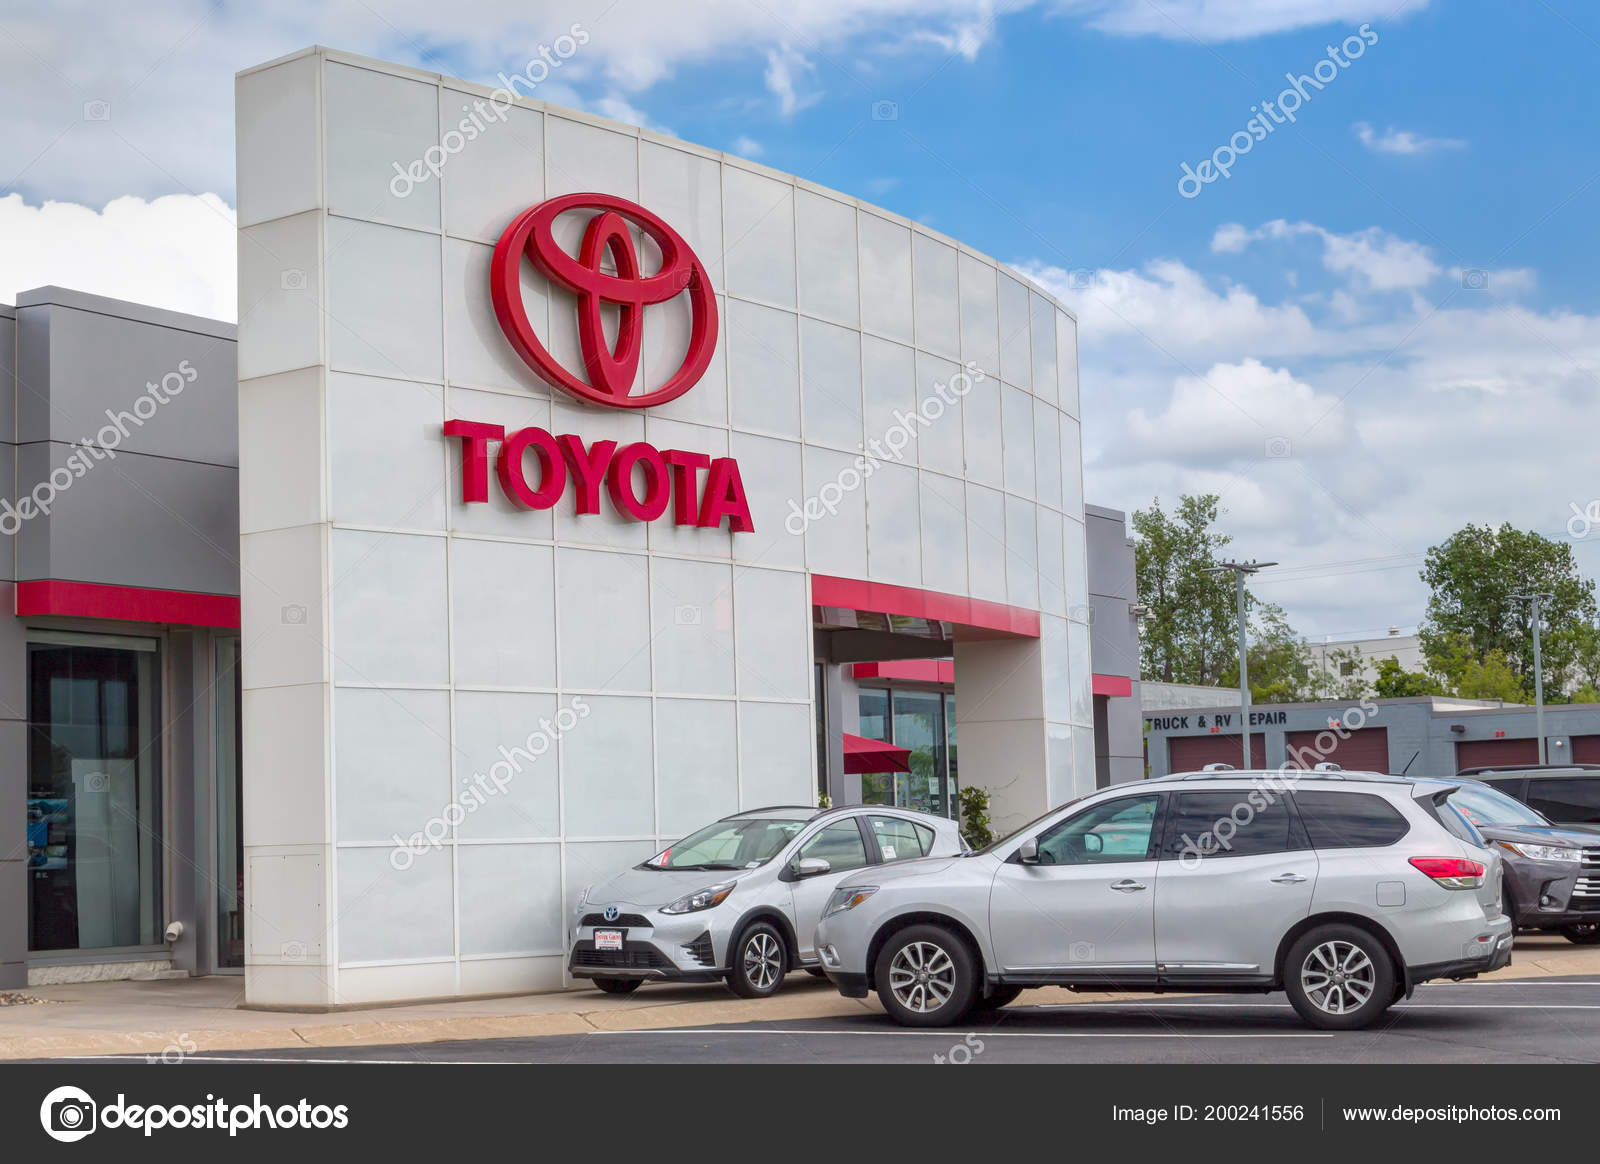 Inver Grove Heights Usa Junho 2018 Toyota Autombile Concessionária Exterior  U2014 Fotografia De Stock